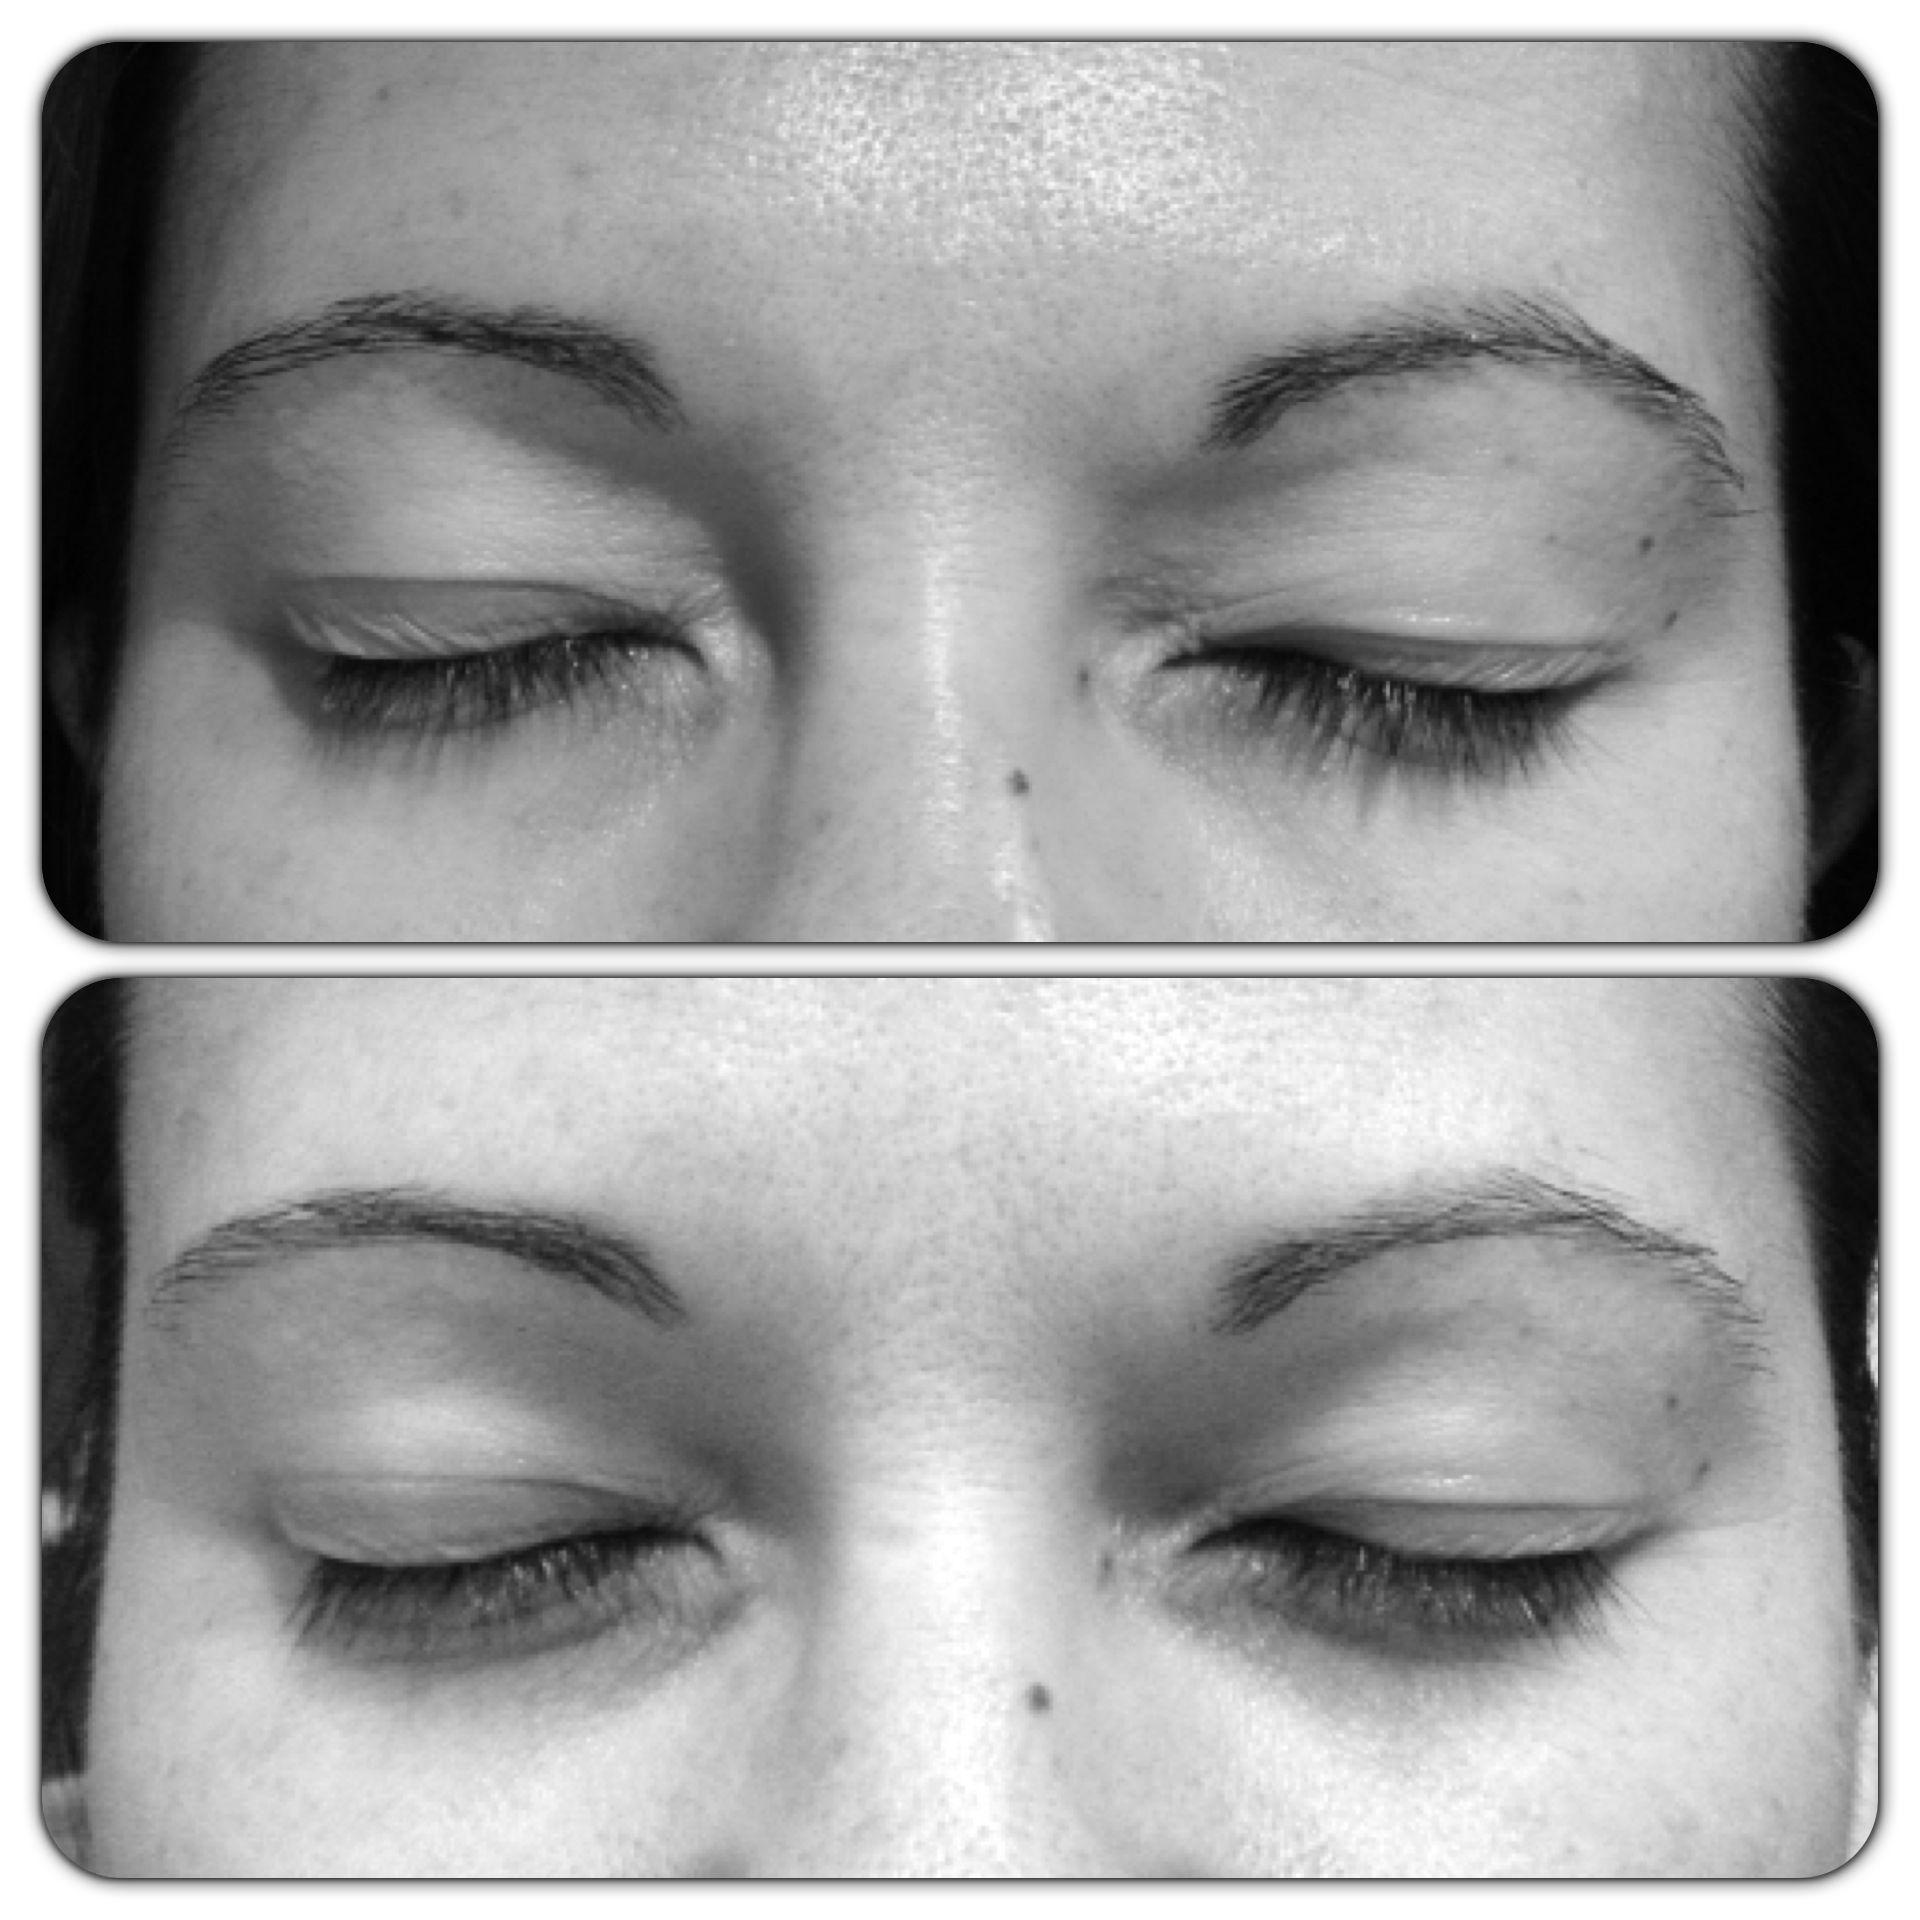 3 months if using R+F Redefine regimen and Mulit-Function Eye Cream https://vmadden.myrandf.com